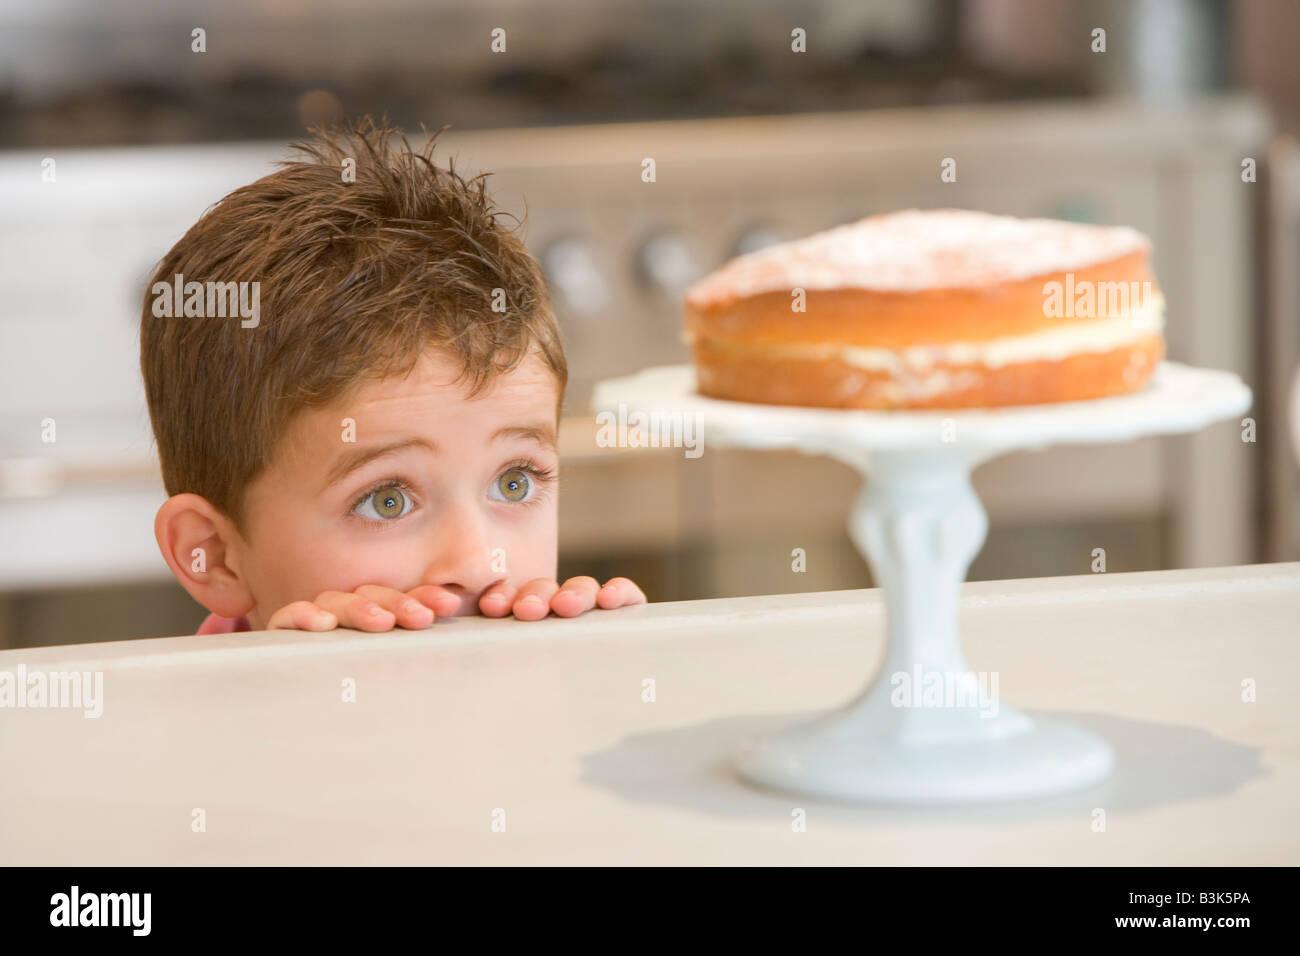 Giovane ragazzo in cucina guardando la torta sul contatore Immagini Stock